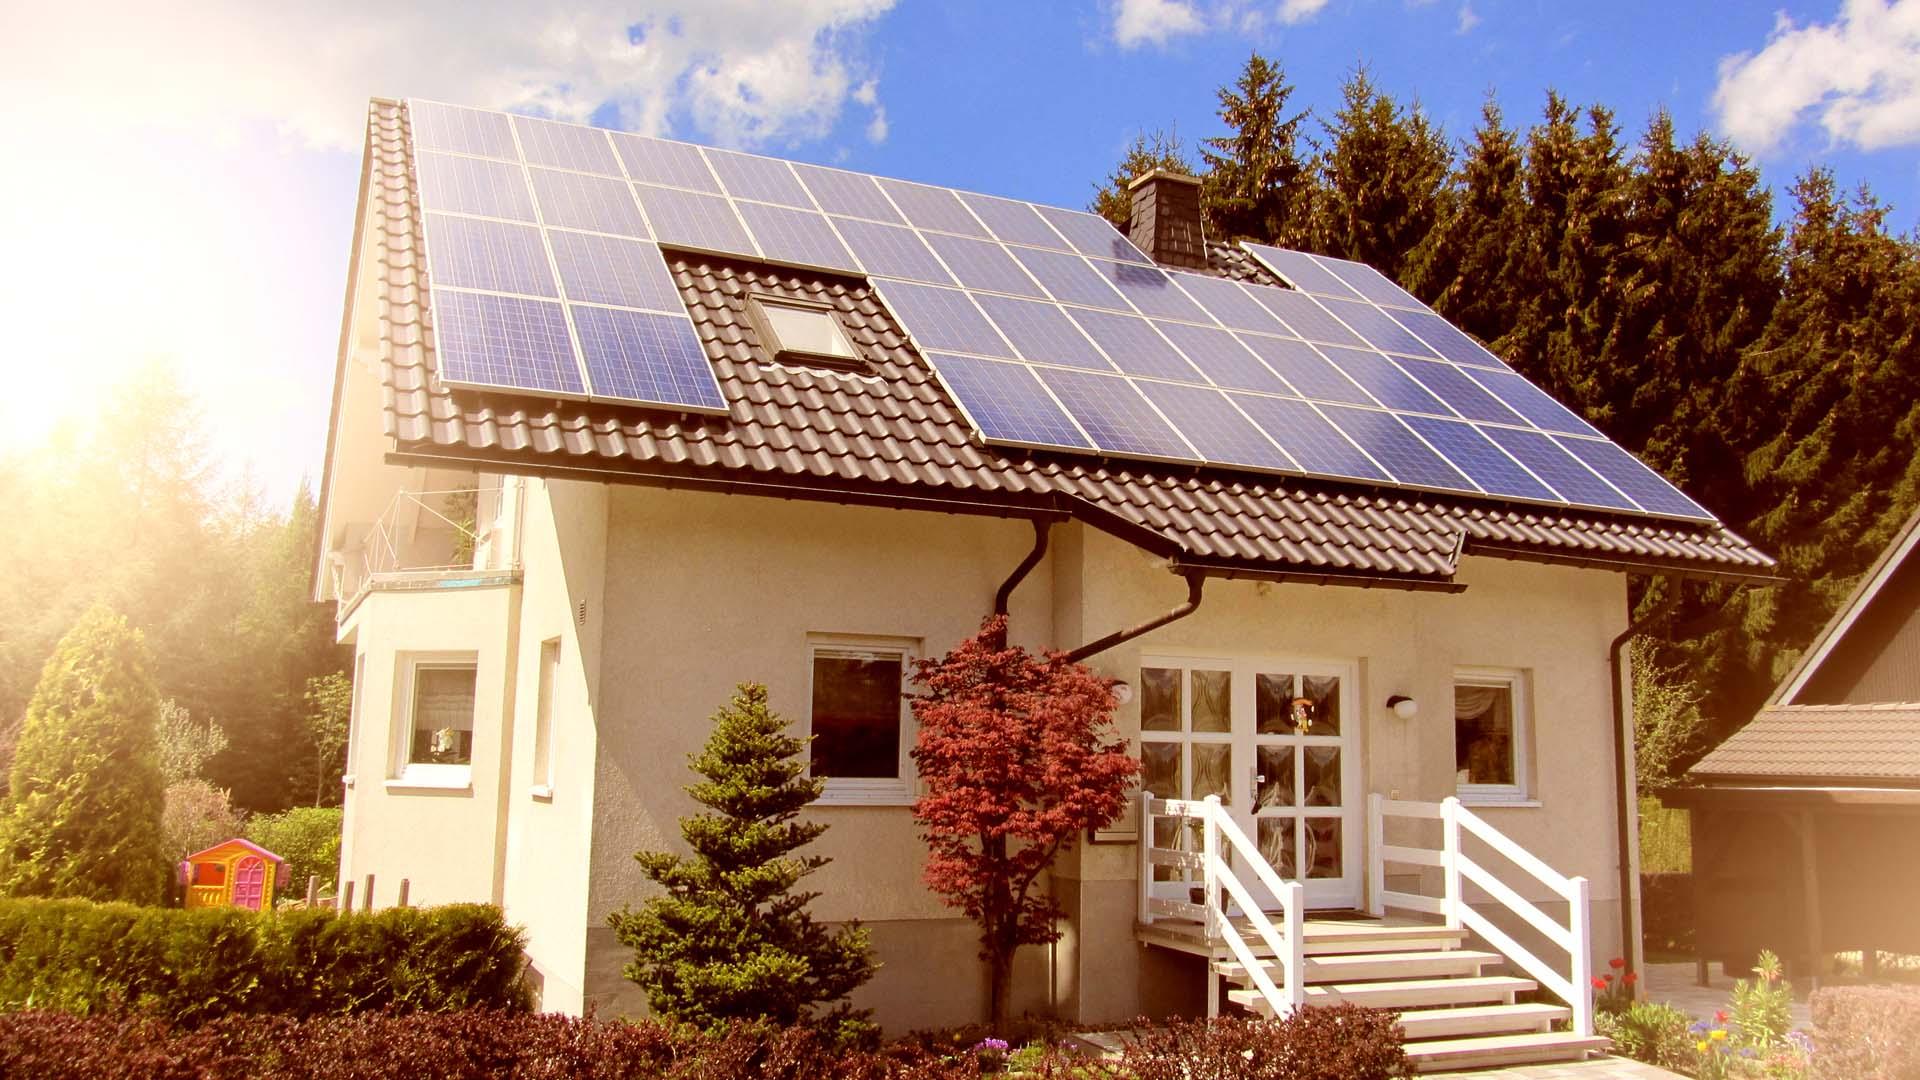 Energía Renovable - Comprar Paneles Solares en La Costa Atlántica